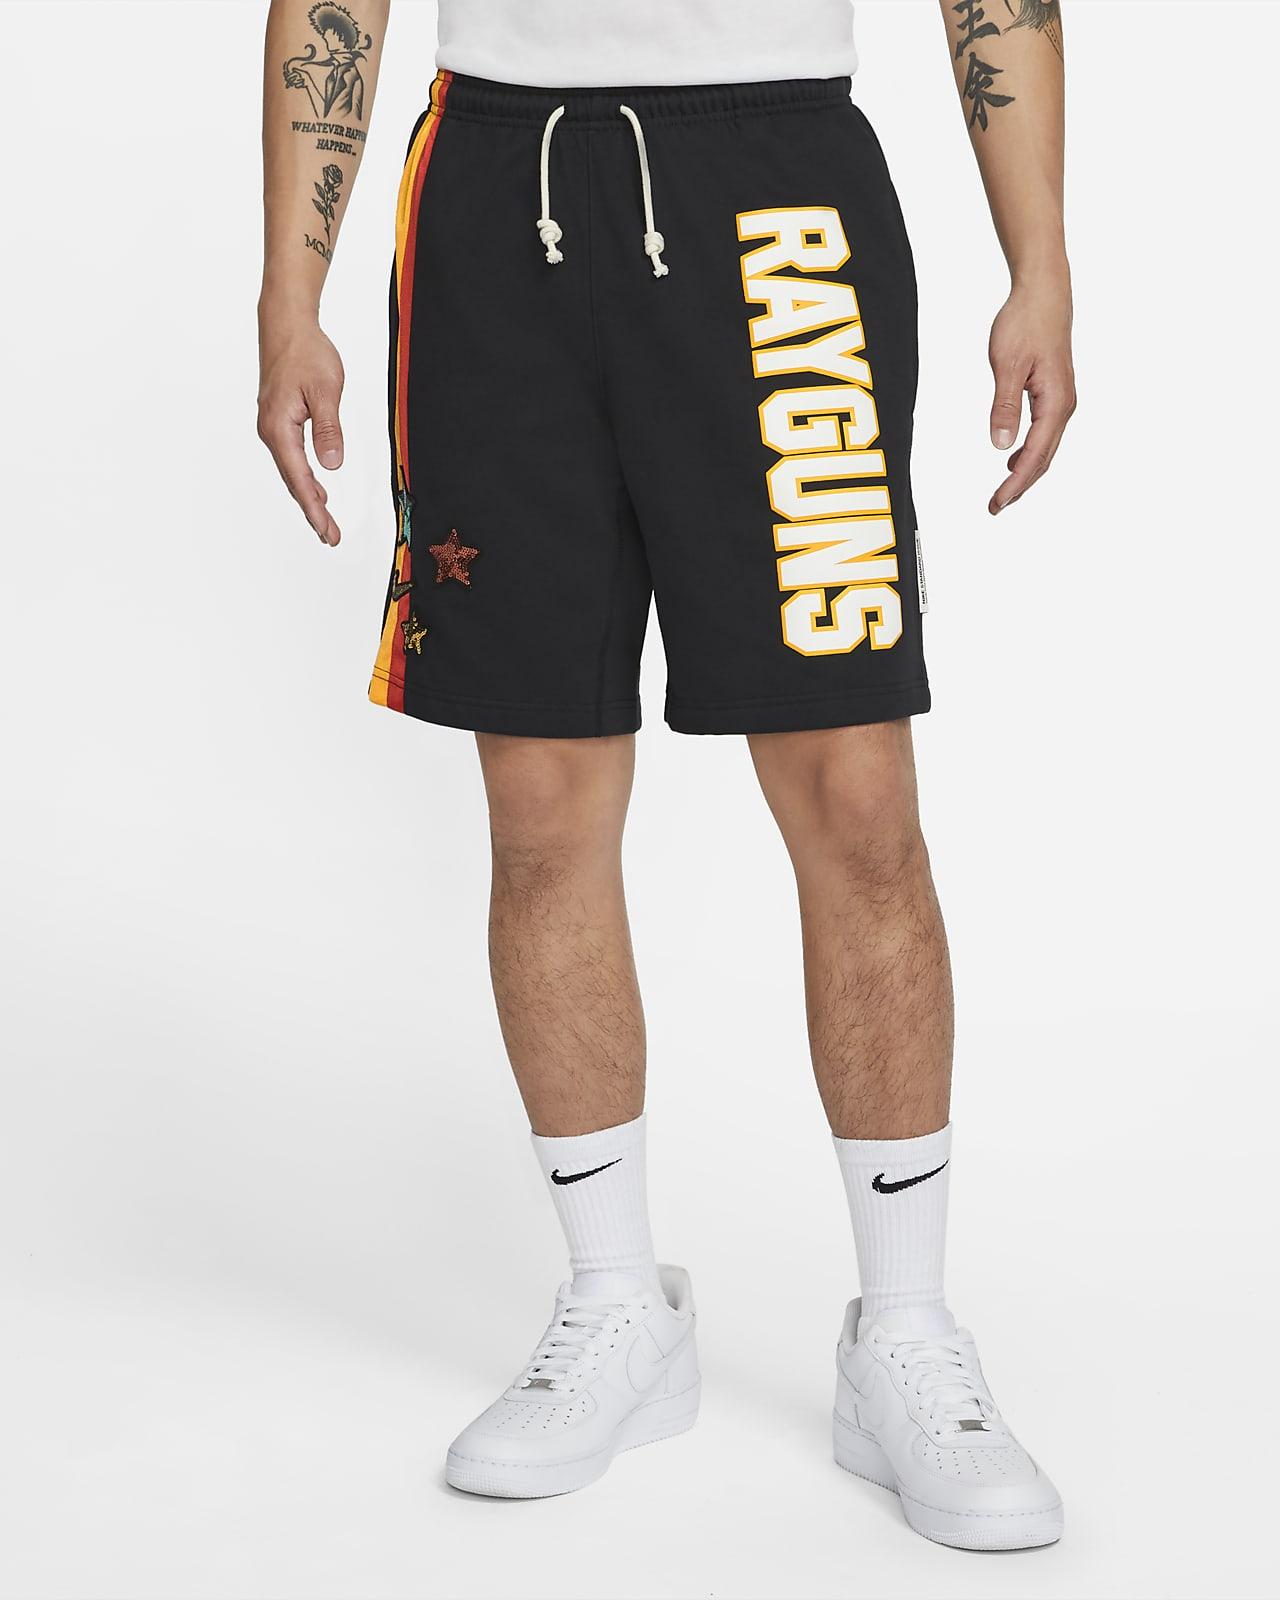 กางเกงบาสเก็ตบอลขาสั้นผู้ชายระดับพรีเมียม Nike Dri-FIT Rayguns